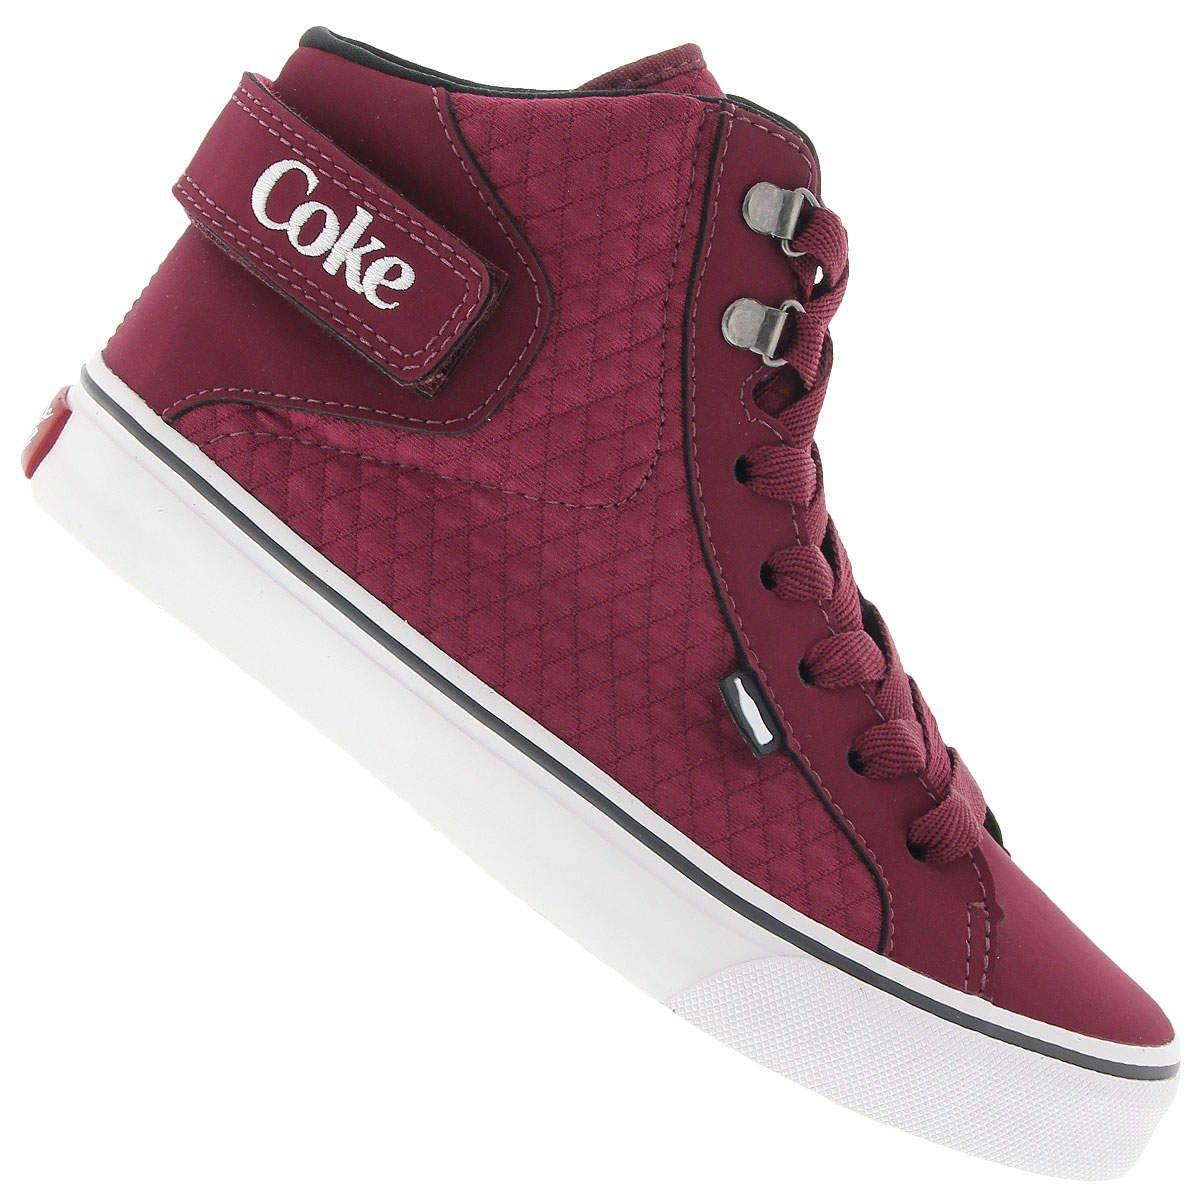 4069592243 Tênis Cano Alto Coca-Cola Envy - Feminino Mais